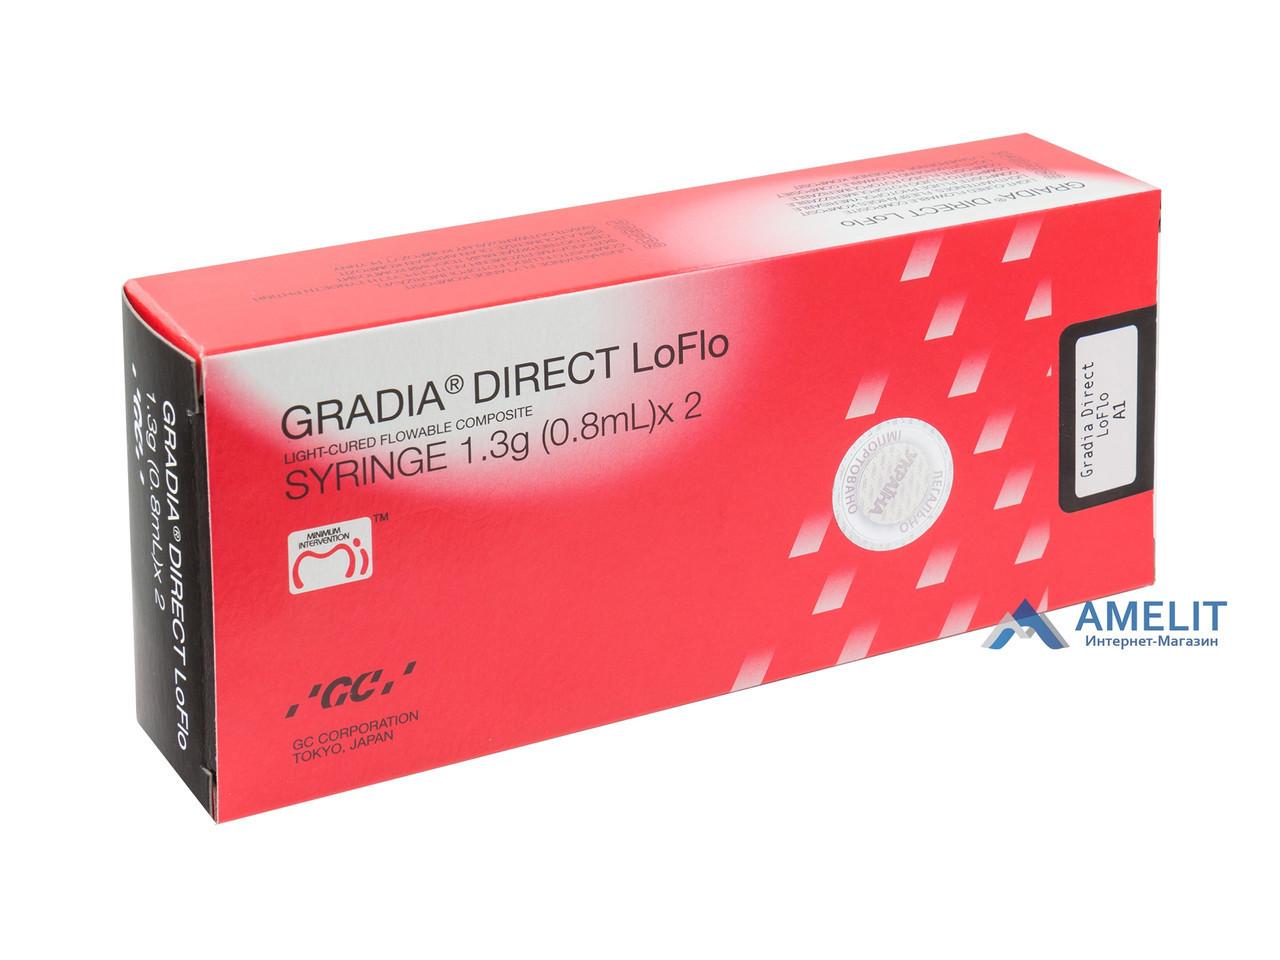 Градиа Дайрект ЛоФлоу А3(Gradia Direct Lo Flo, GC), шприц 1,3г